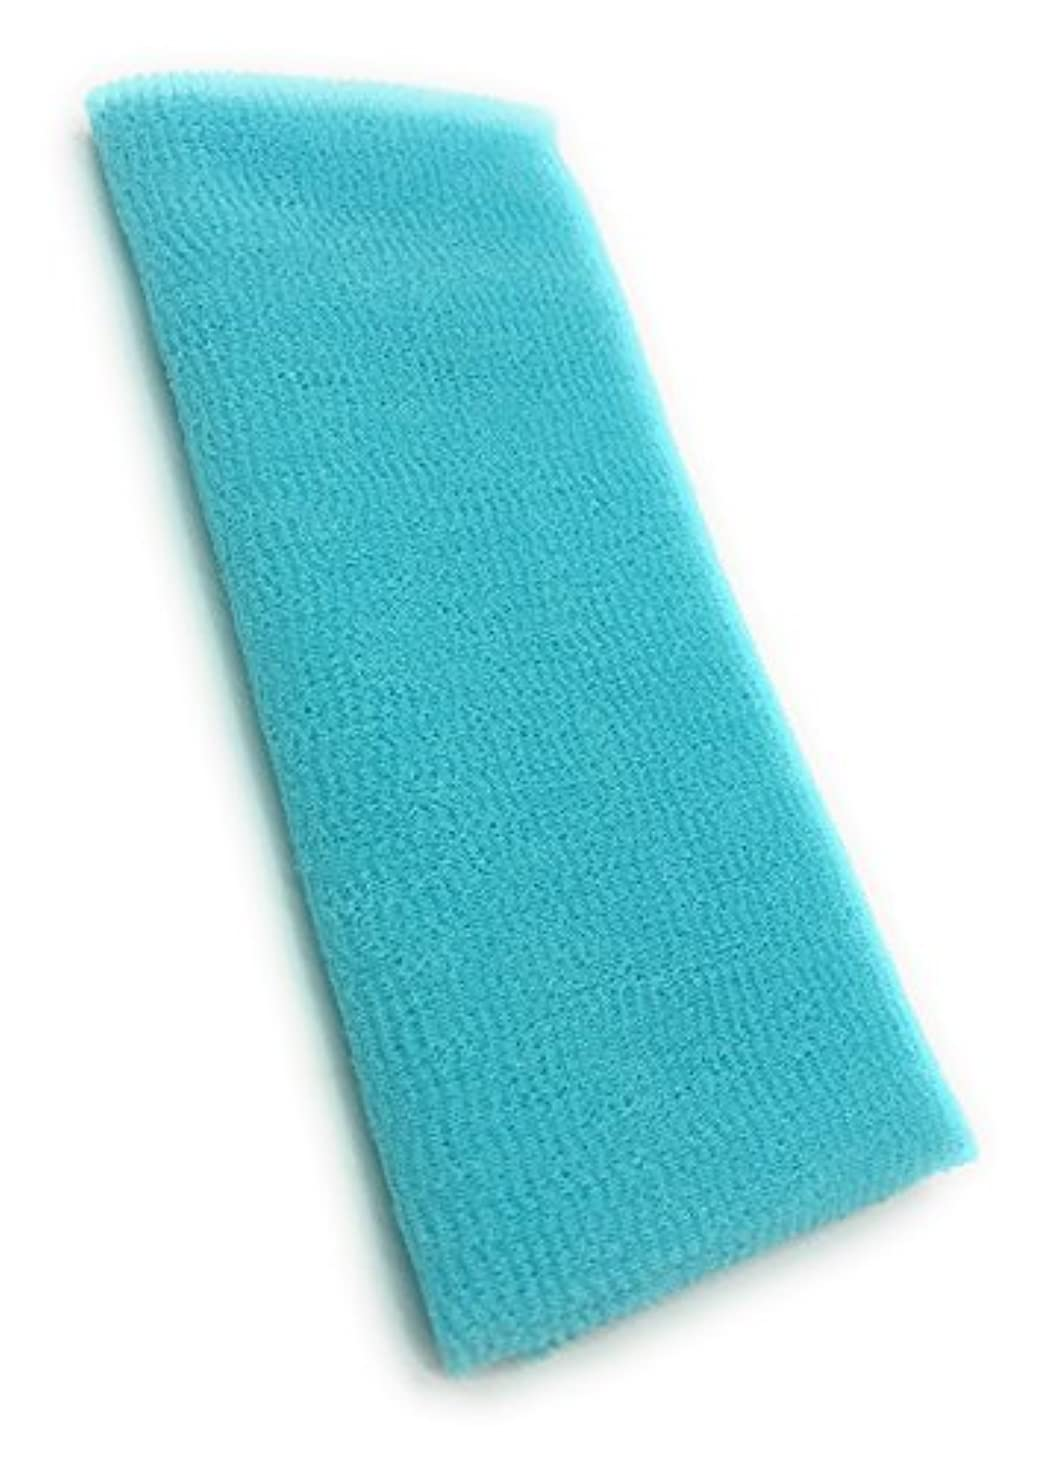 部紳士有益Maltose あかすりタオル ボディタオル 垢すり ロング 体洗いタオル やわらか 泡立ち 背中 風呂 メンズ (ブルー)